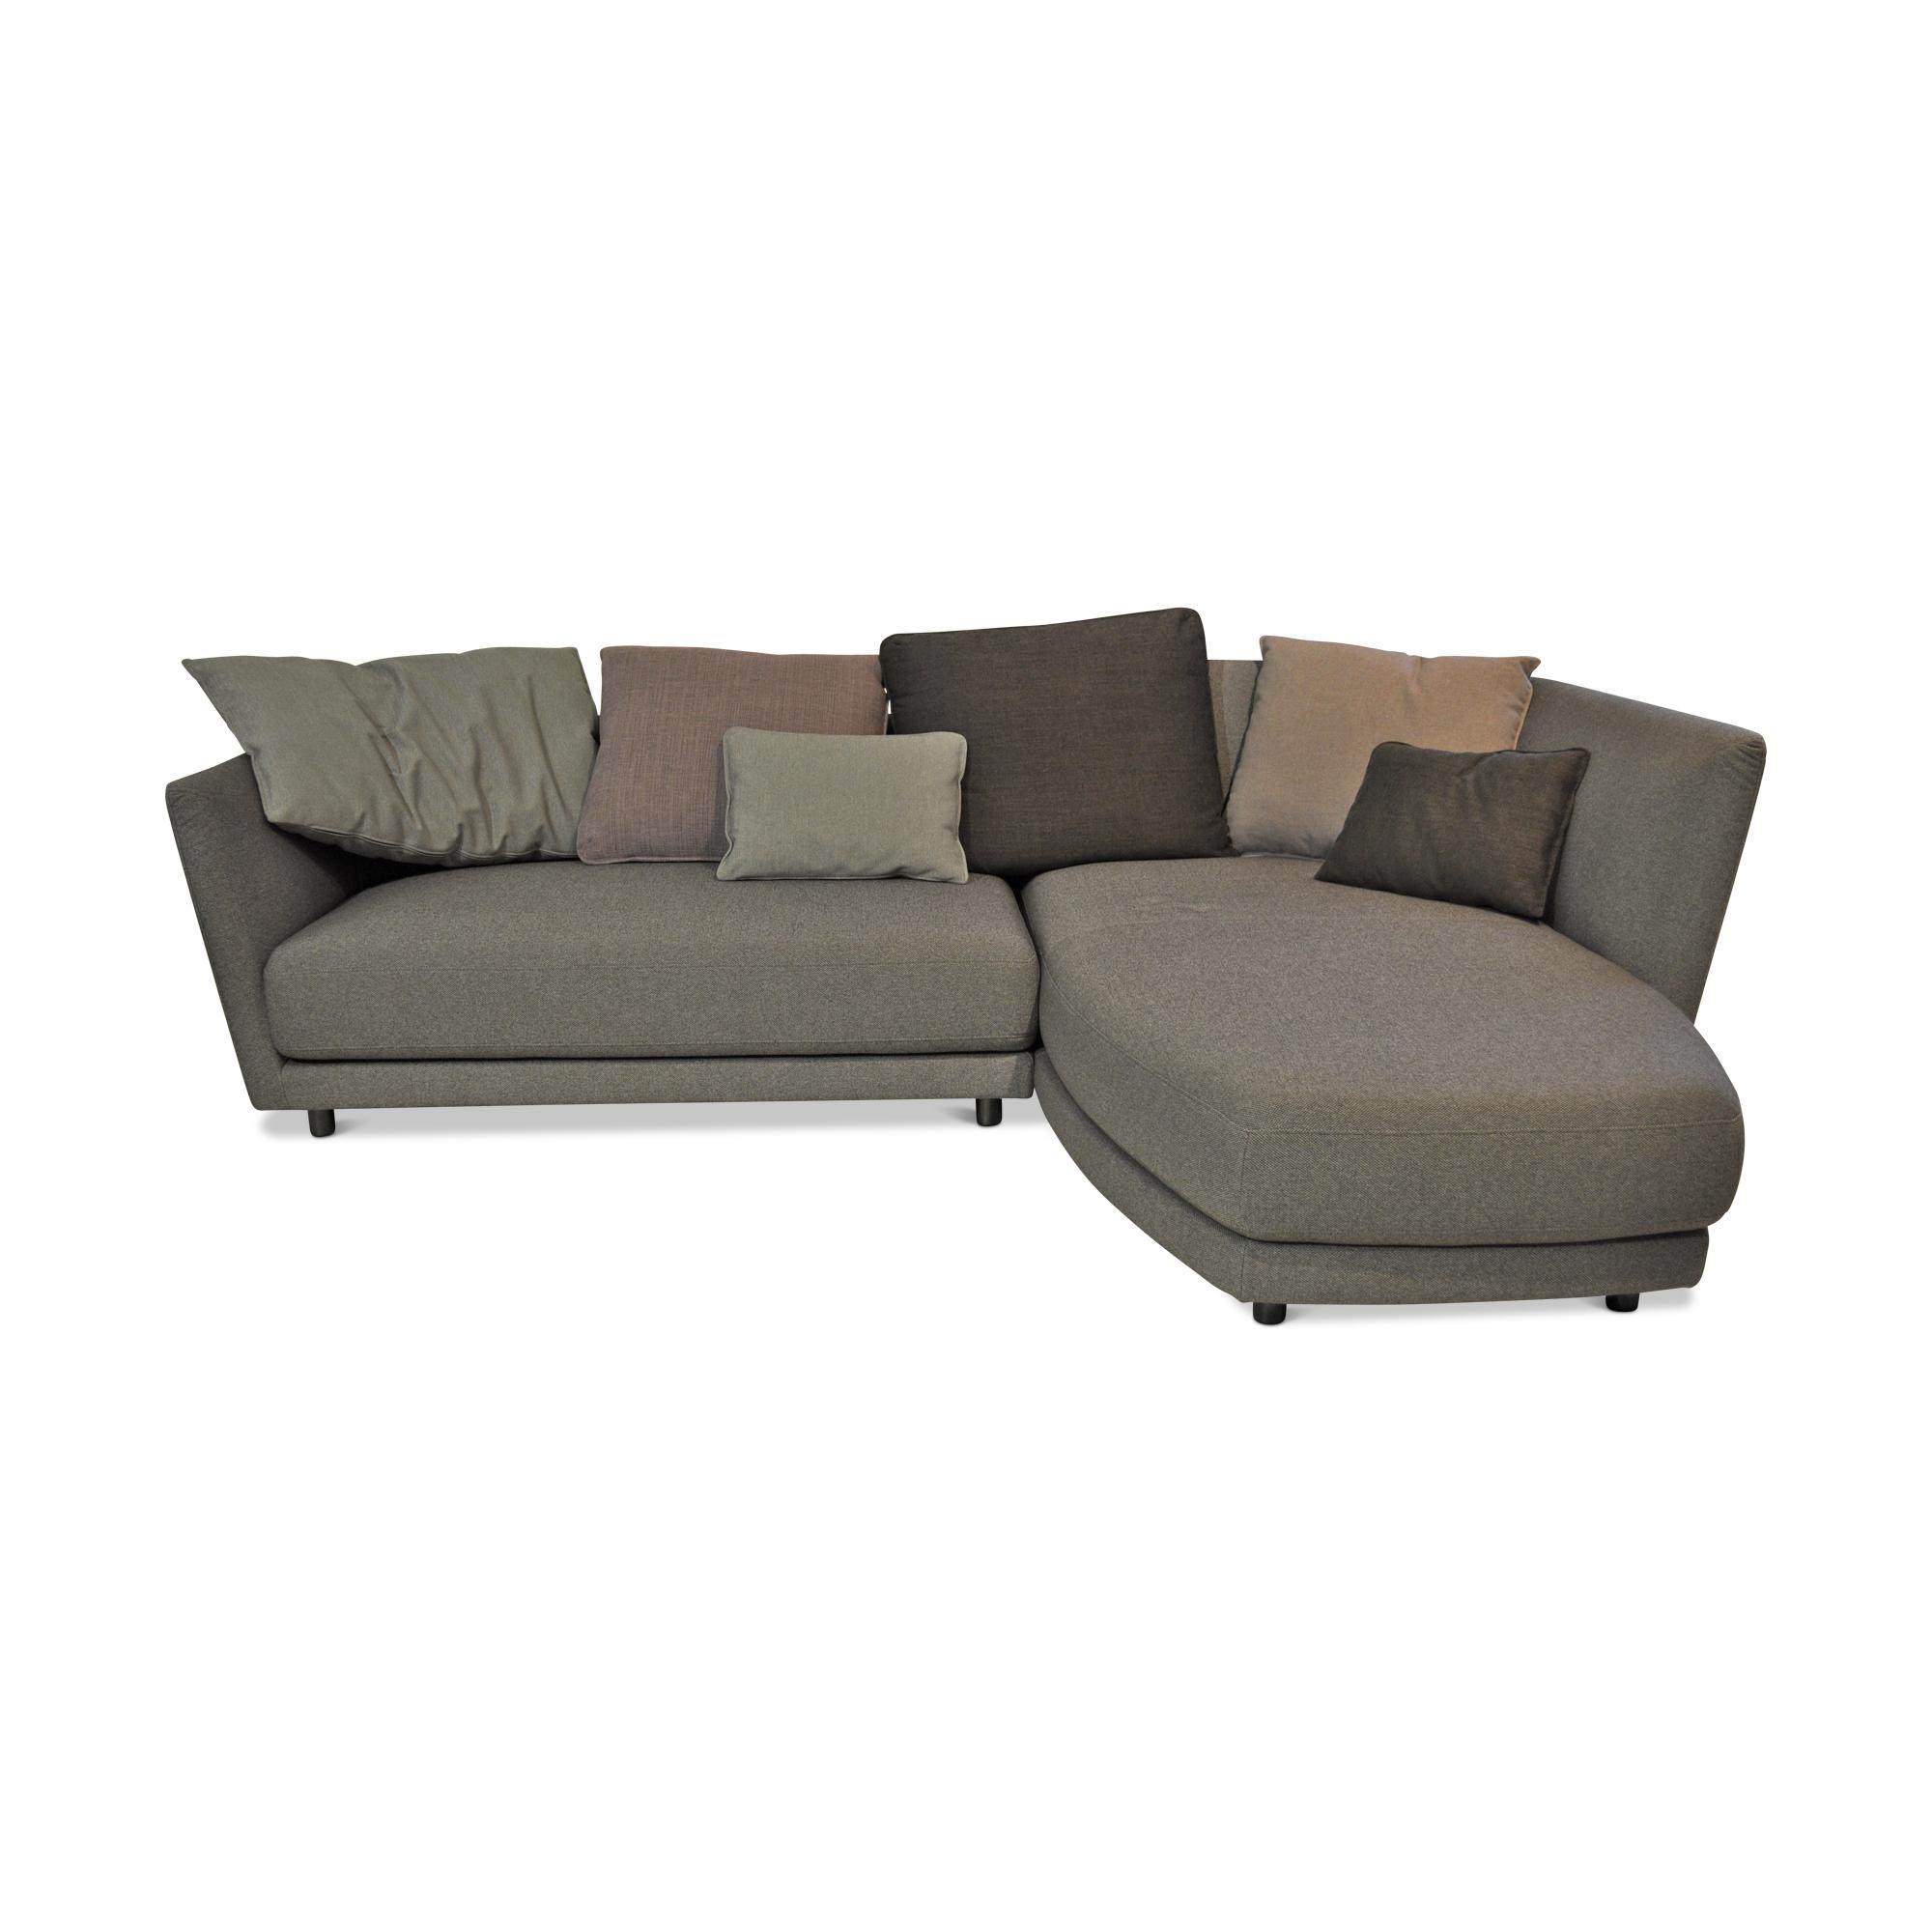 rolf benz designer ecksofa tondo 540 stoff metall grau. Black Bedroom Furniture Sets. Home Design Ideas